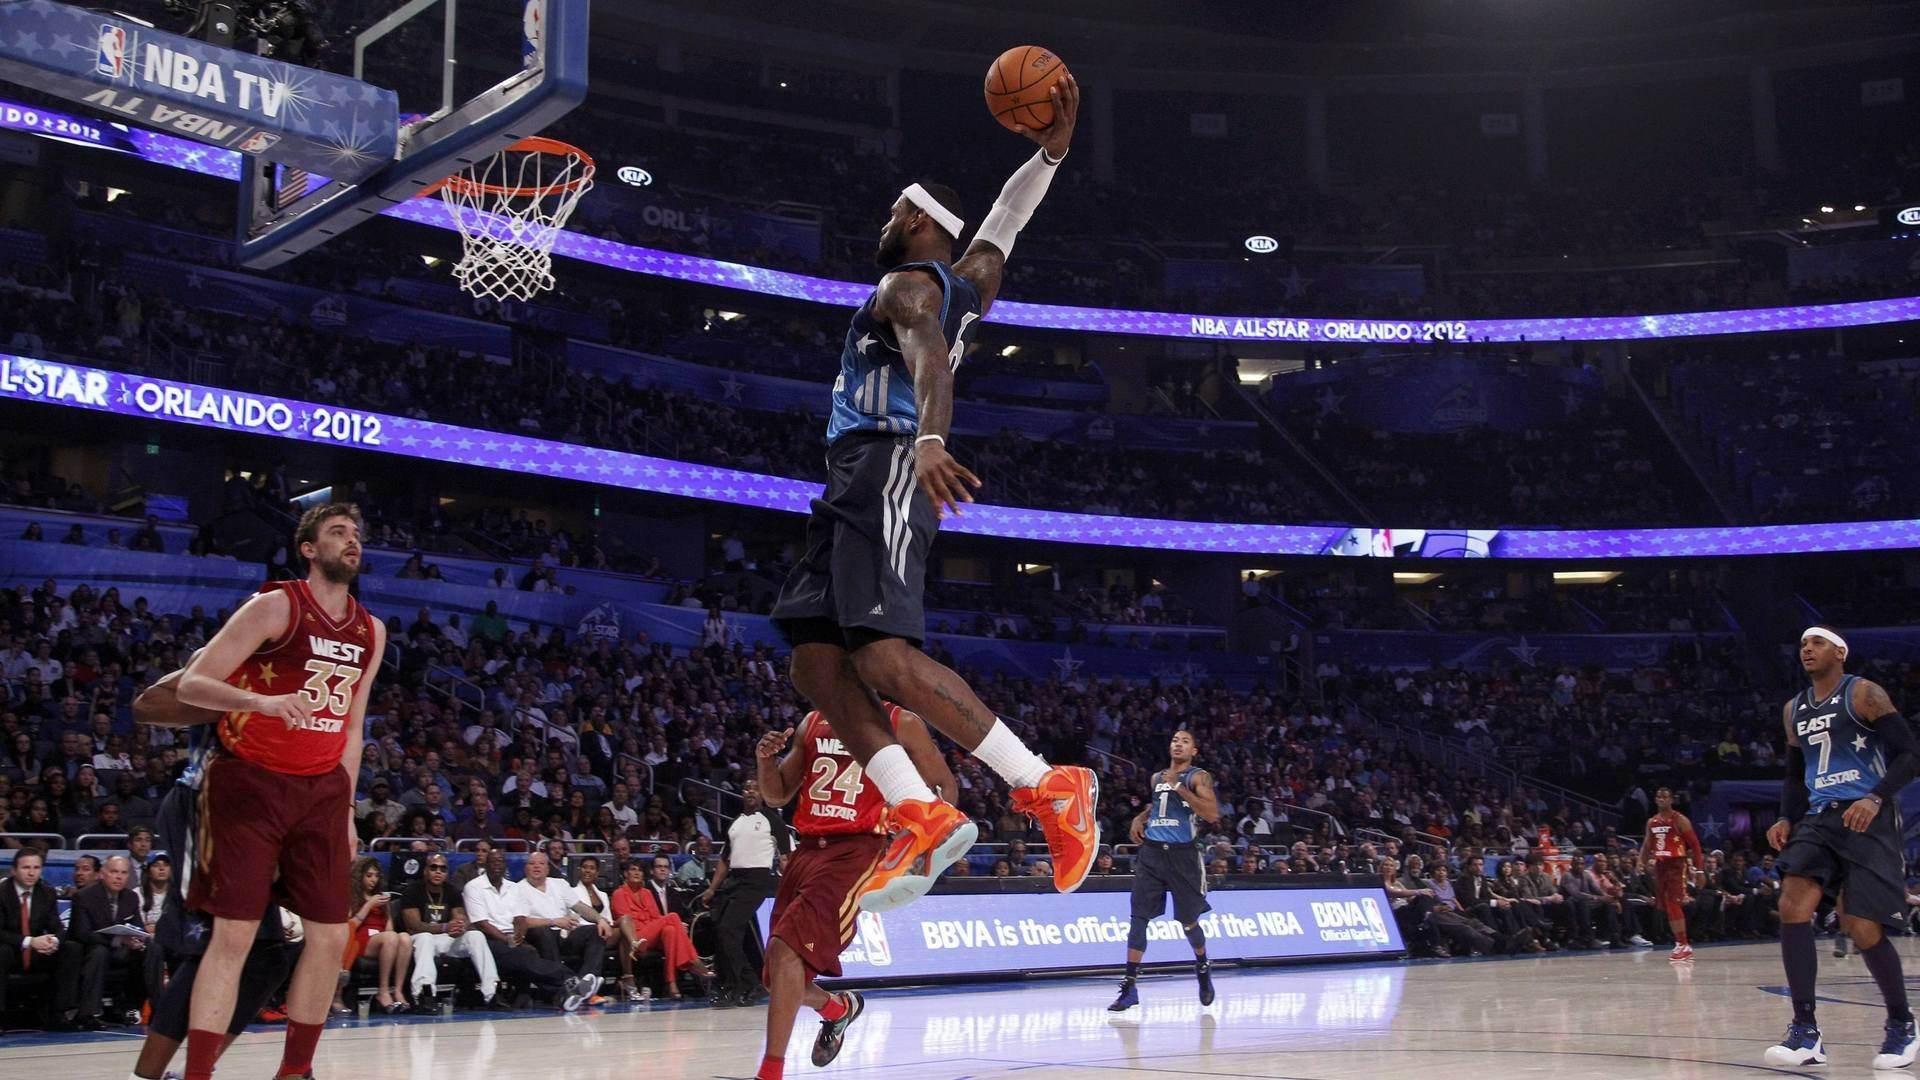 篮坛史册:NBA四双榜马刺独占两席!这位神人只有资深球迷才知道_全景NBA